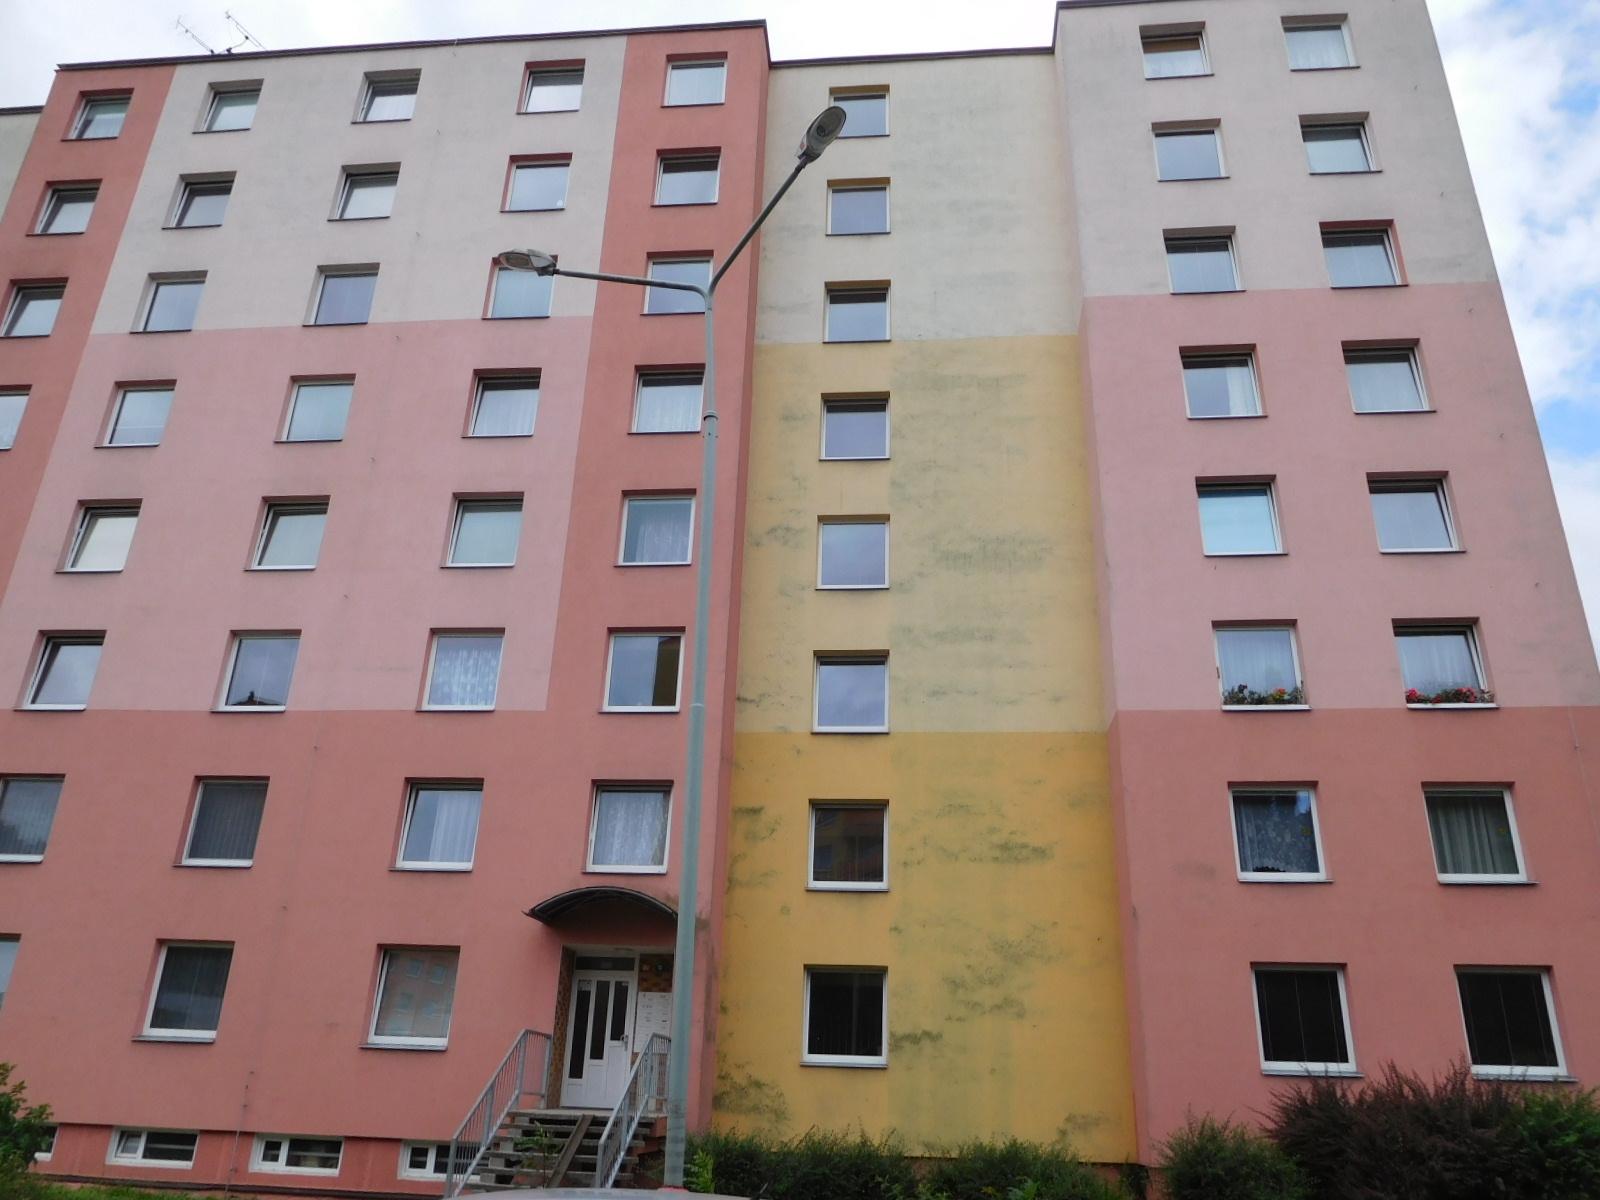 Byt 2 + 0 Ústí nad Labem